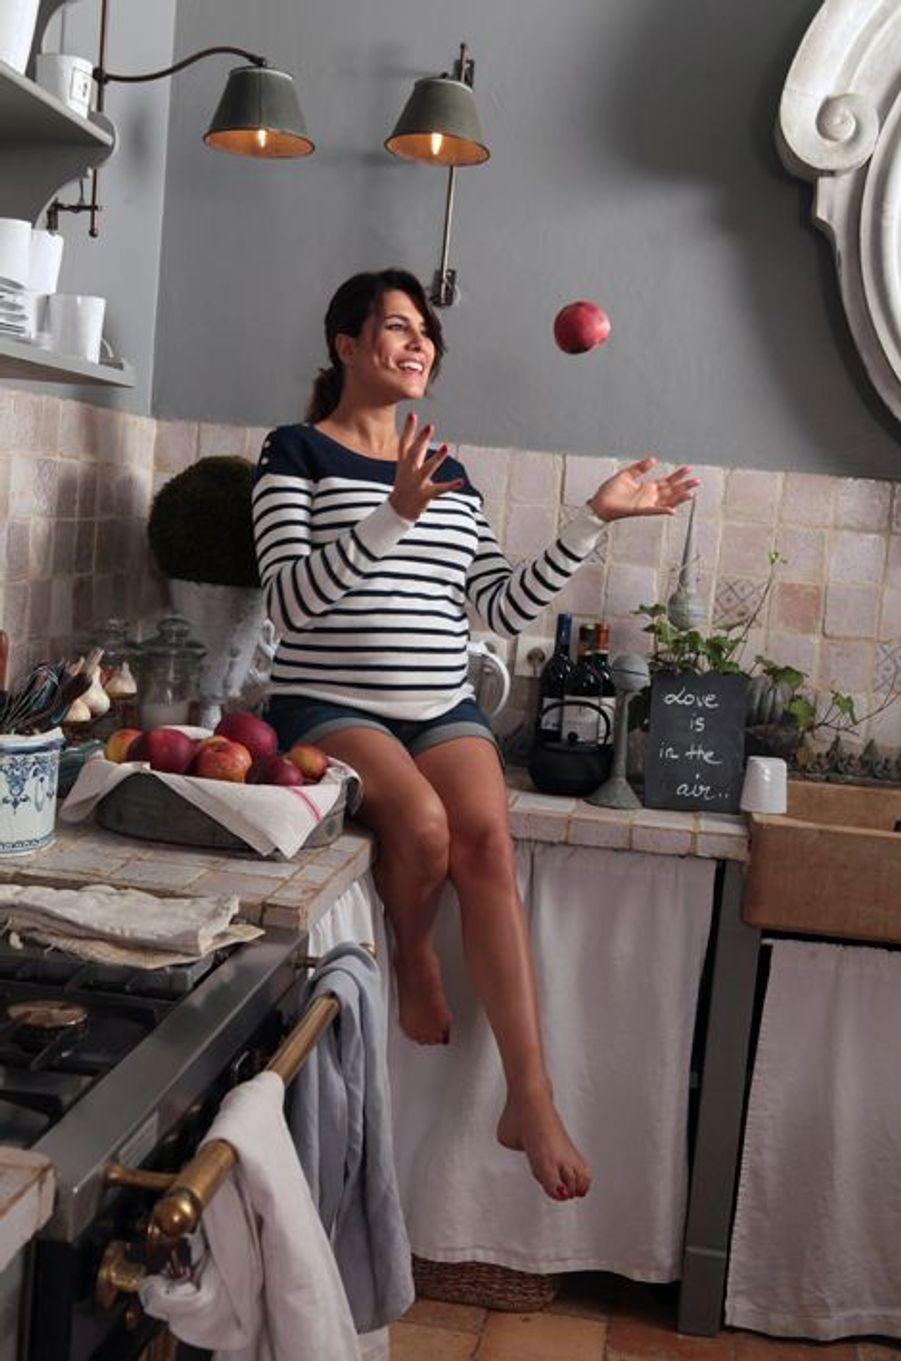 Aux pommes elle préfère les sandwichs : pas question de régime, pour l'instant...